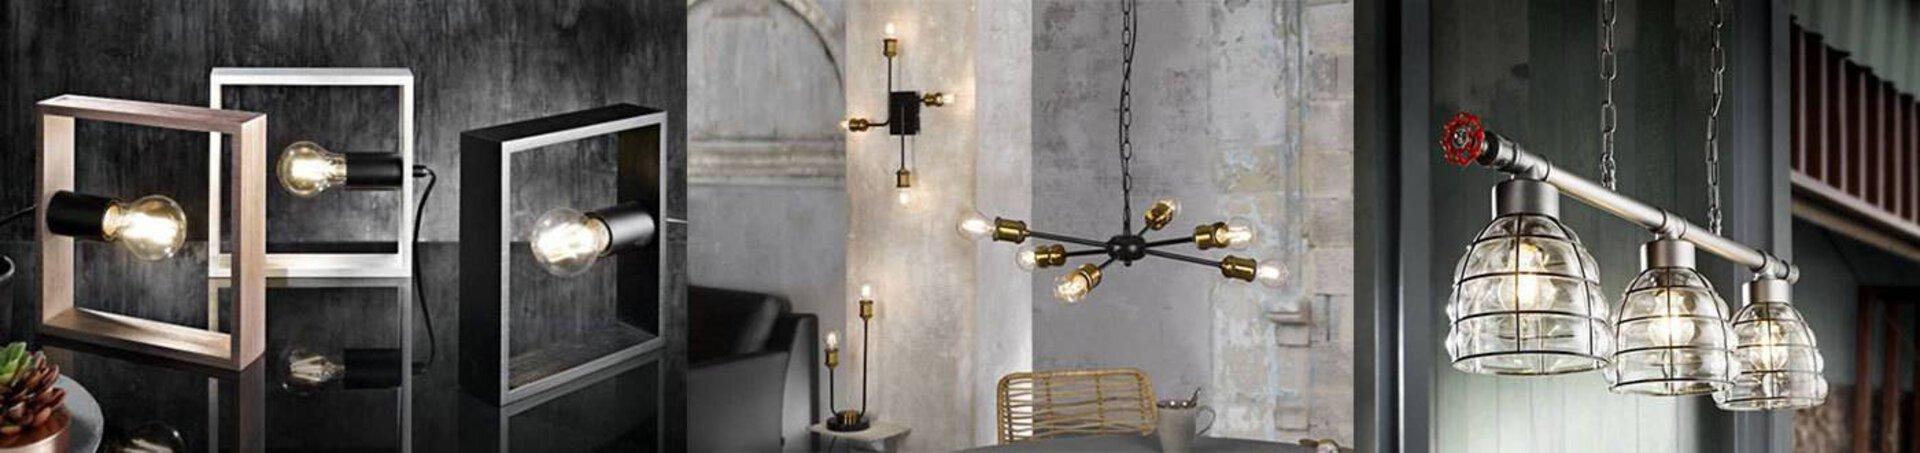 """Verschiedene Lampen in Fabrikdesign dienen als Inspiration für Leuchten in diesem speziellen Design innerhalb der Inspirationsseite """"Leuchtentrends"""""""